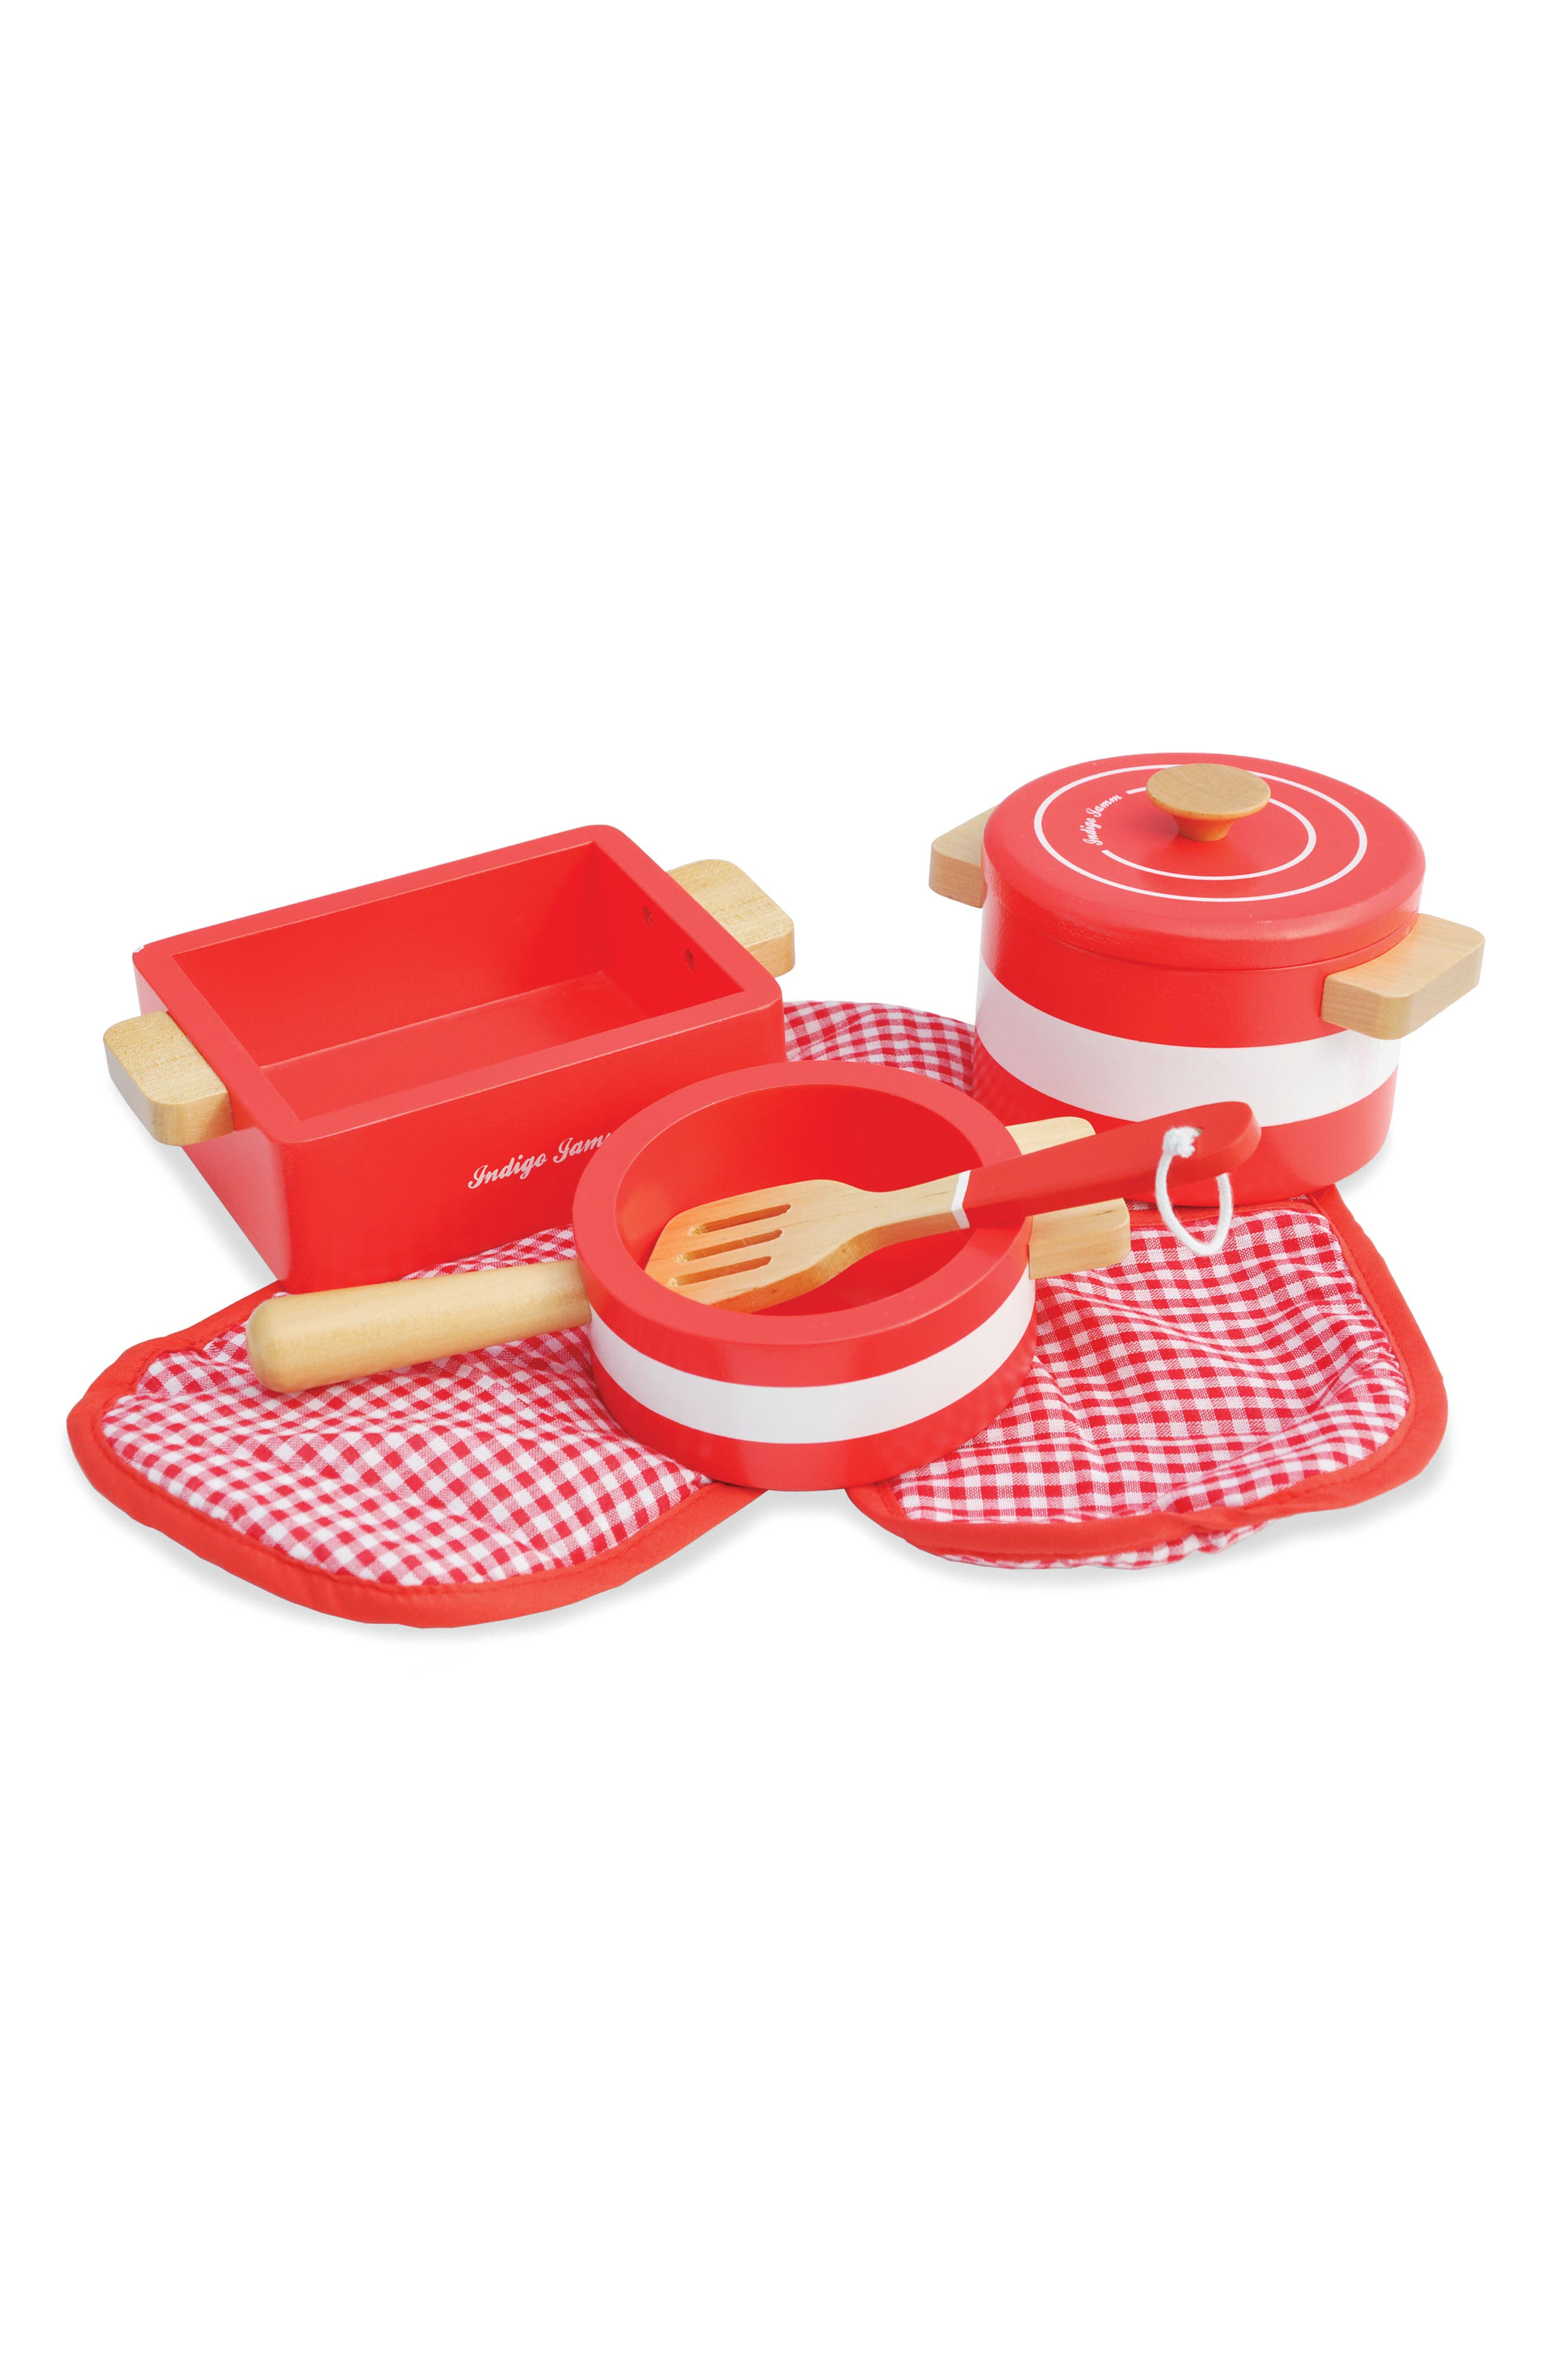 Pots & Pans 5-Piece Set,                         Main,                         color, 600